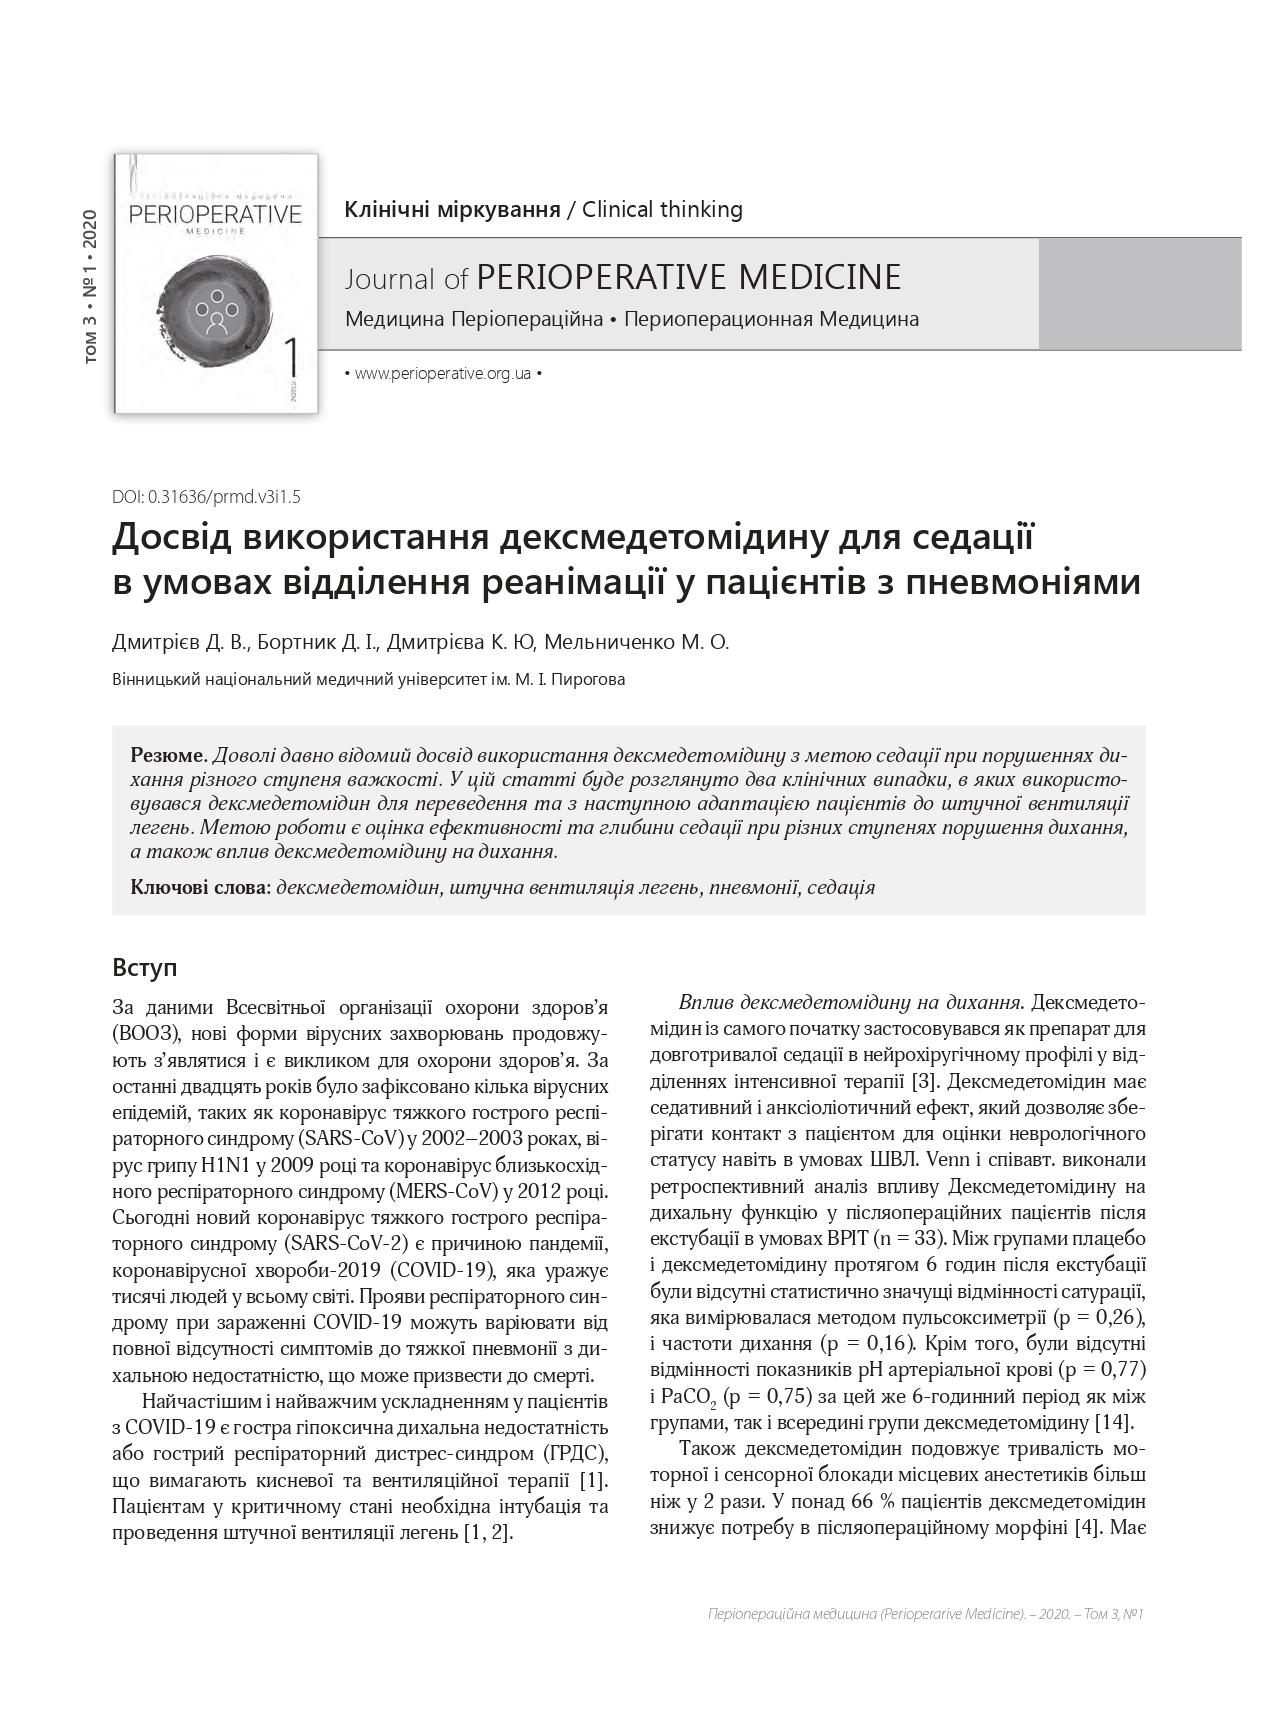 Досвід використання дексмедетомідину для седації в умовах відділення реанімації у пацієнтів з пневмоніями